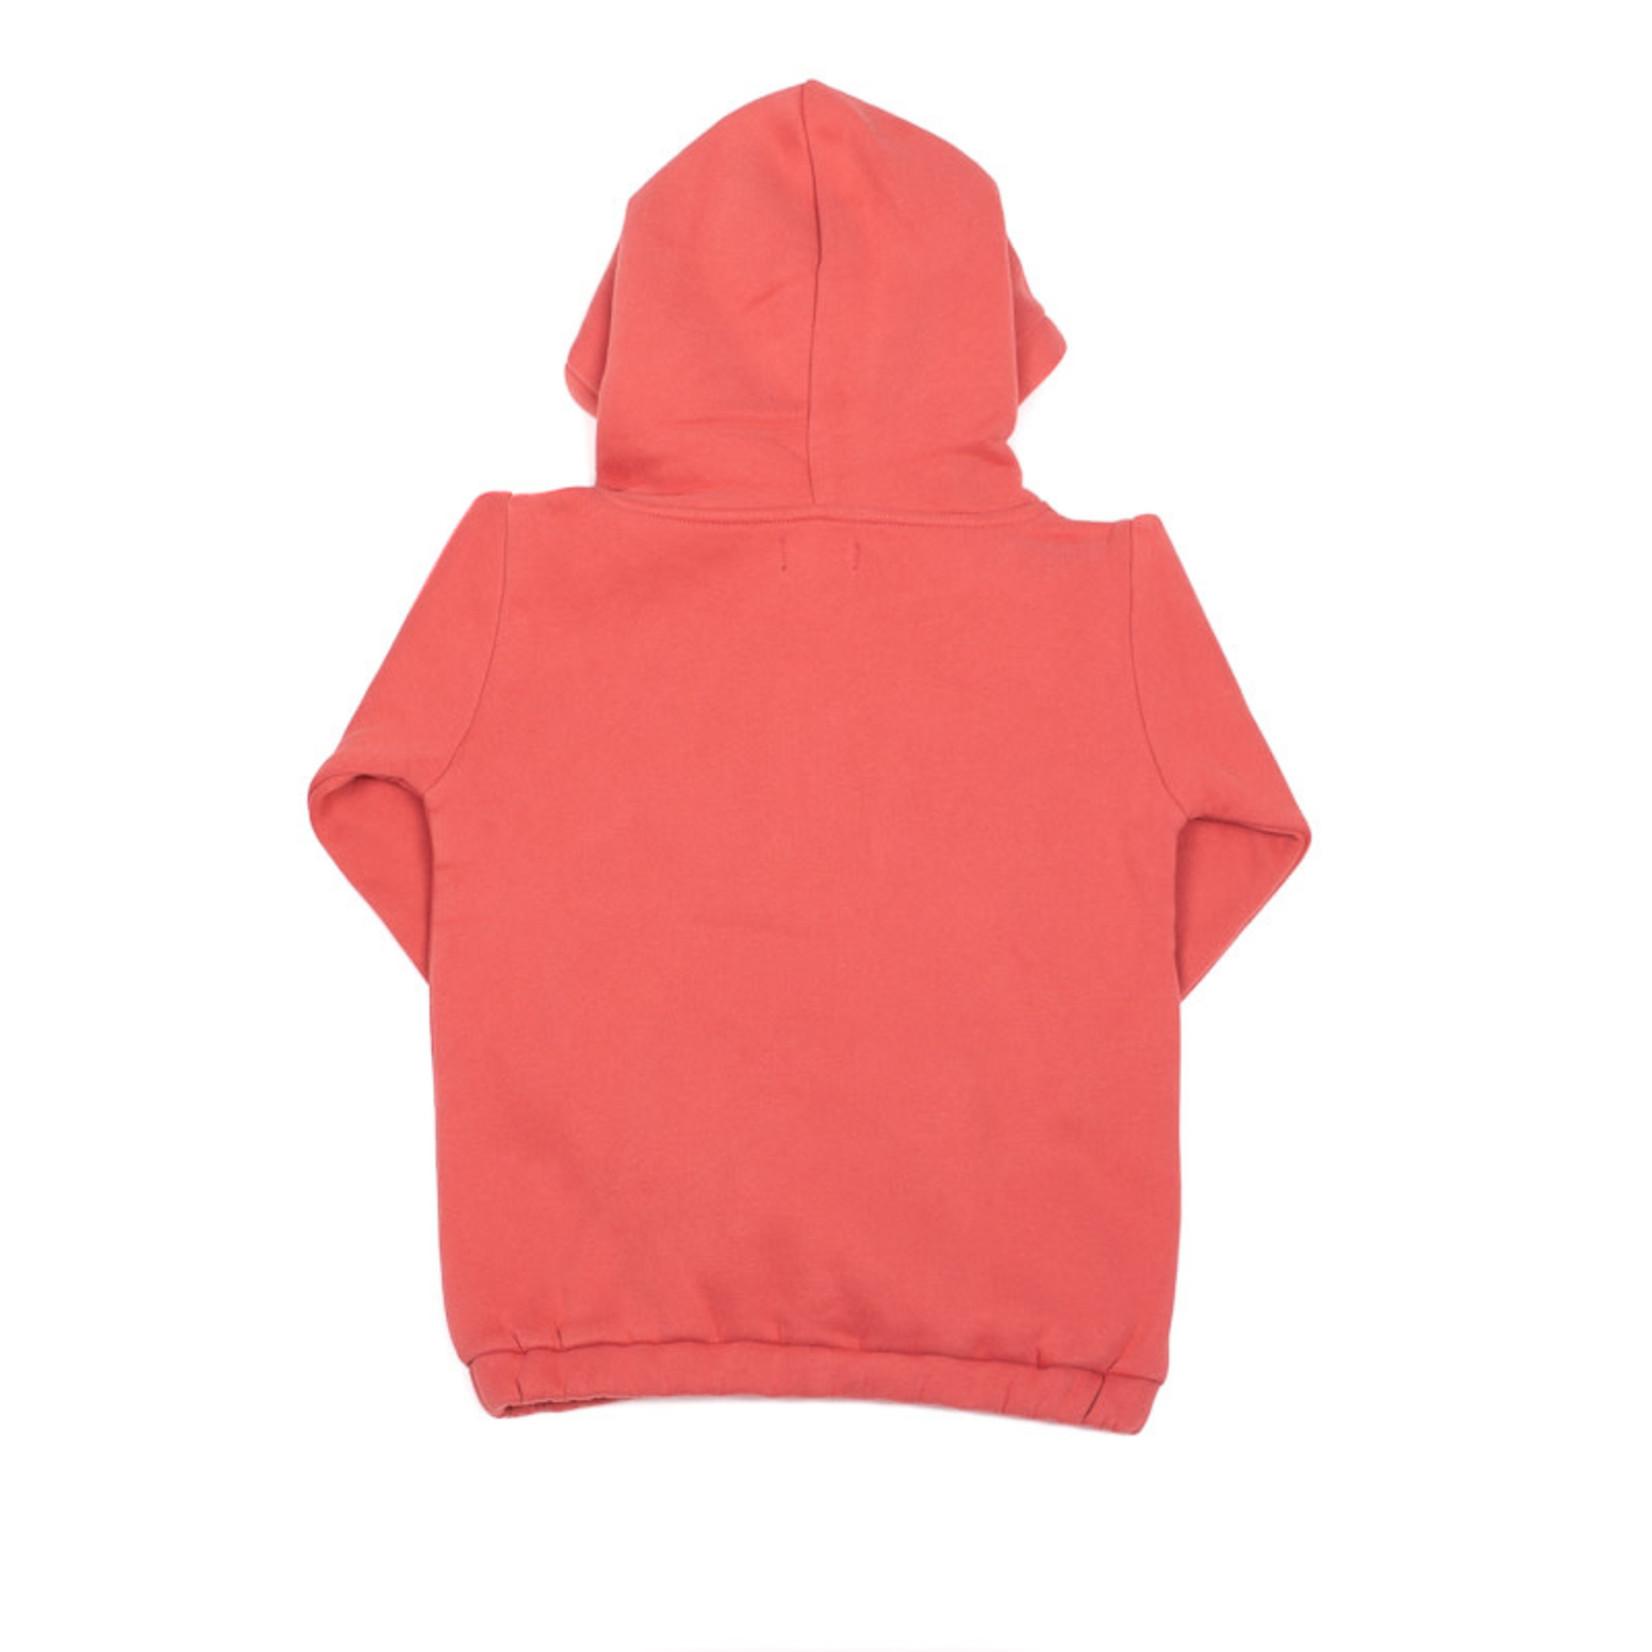 WLKN WLKN : Girl Junior Athletic Hoodie